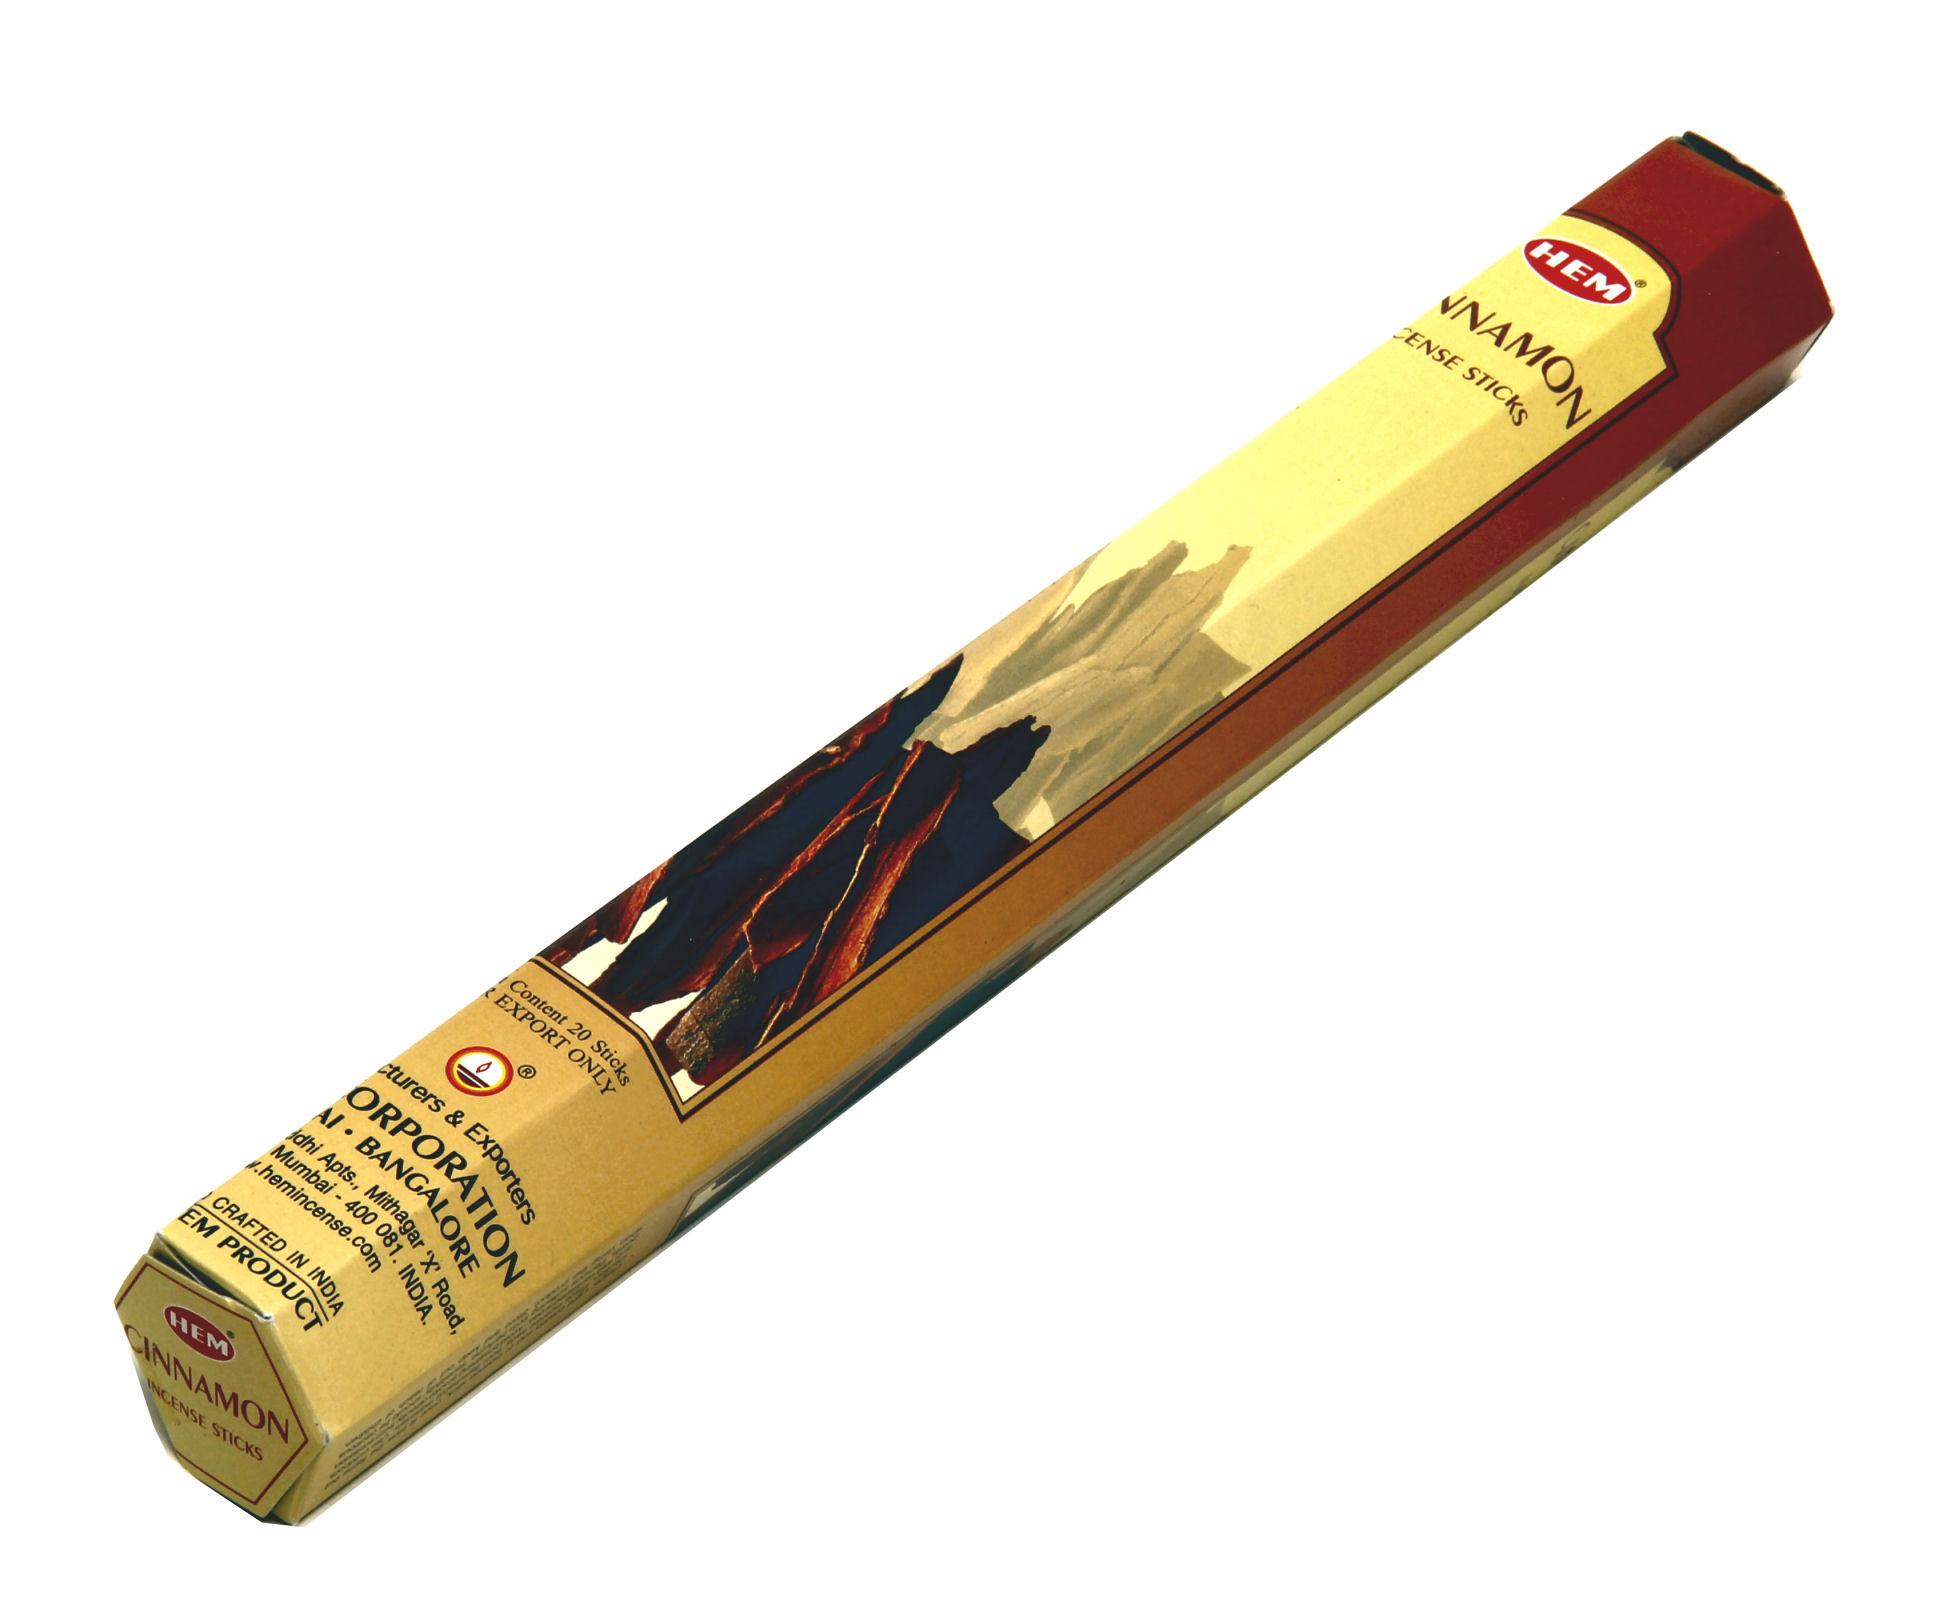 HEM Räucherstäbchen Cinnamon 20g Hexa Packung  Ca. 20 Incence Sticks